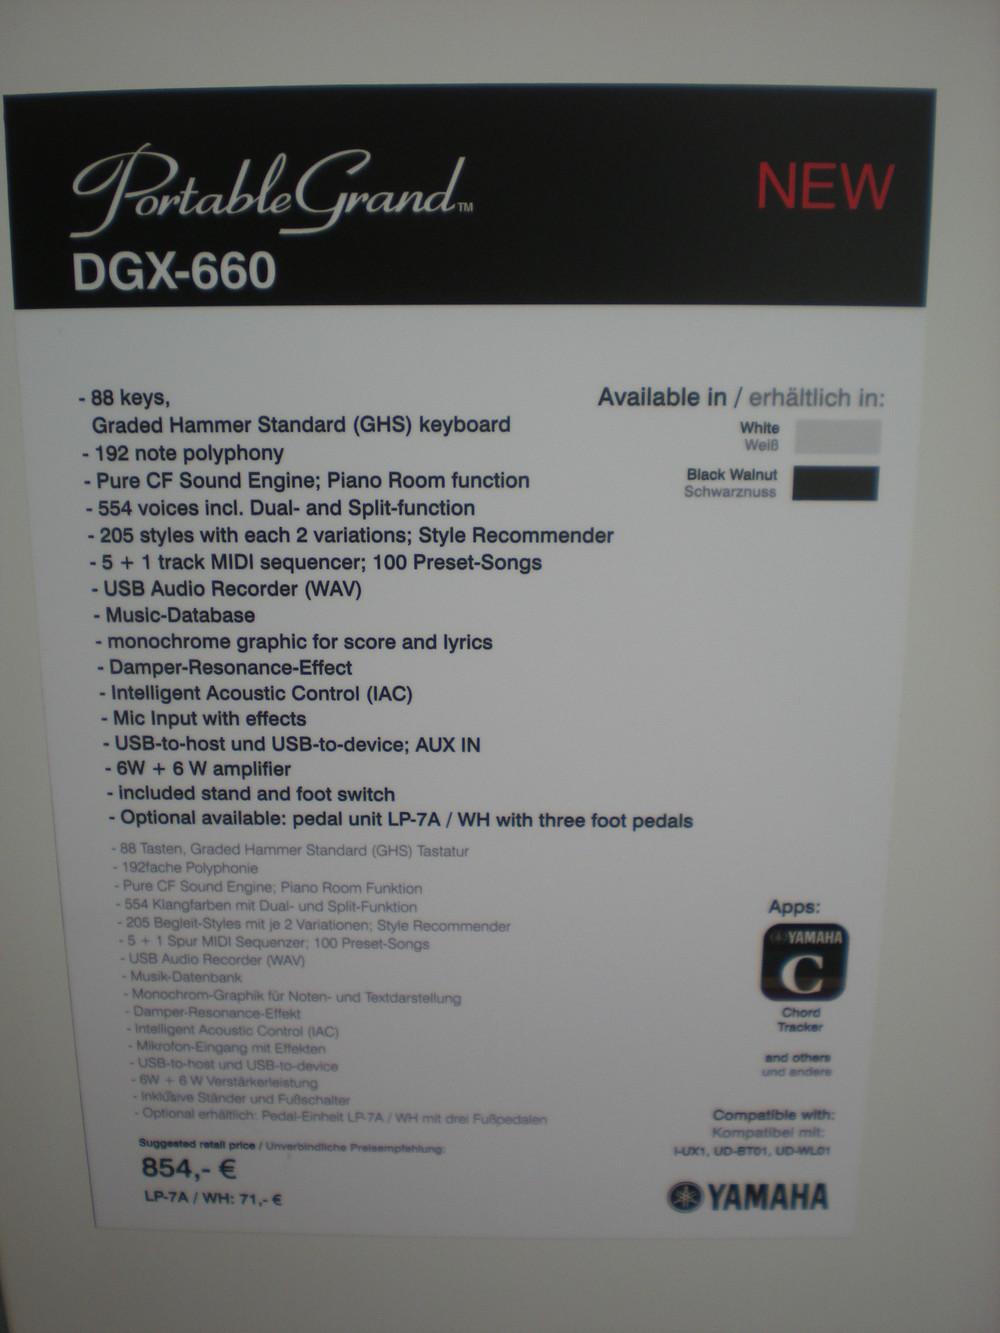 Yamaha DGX-660 specyfikacje